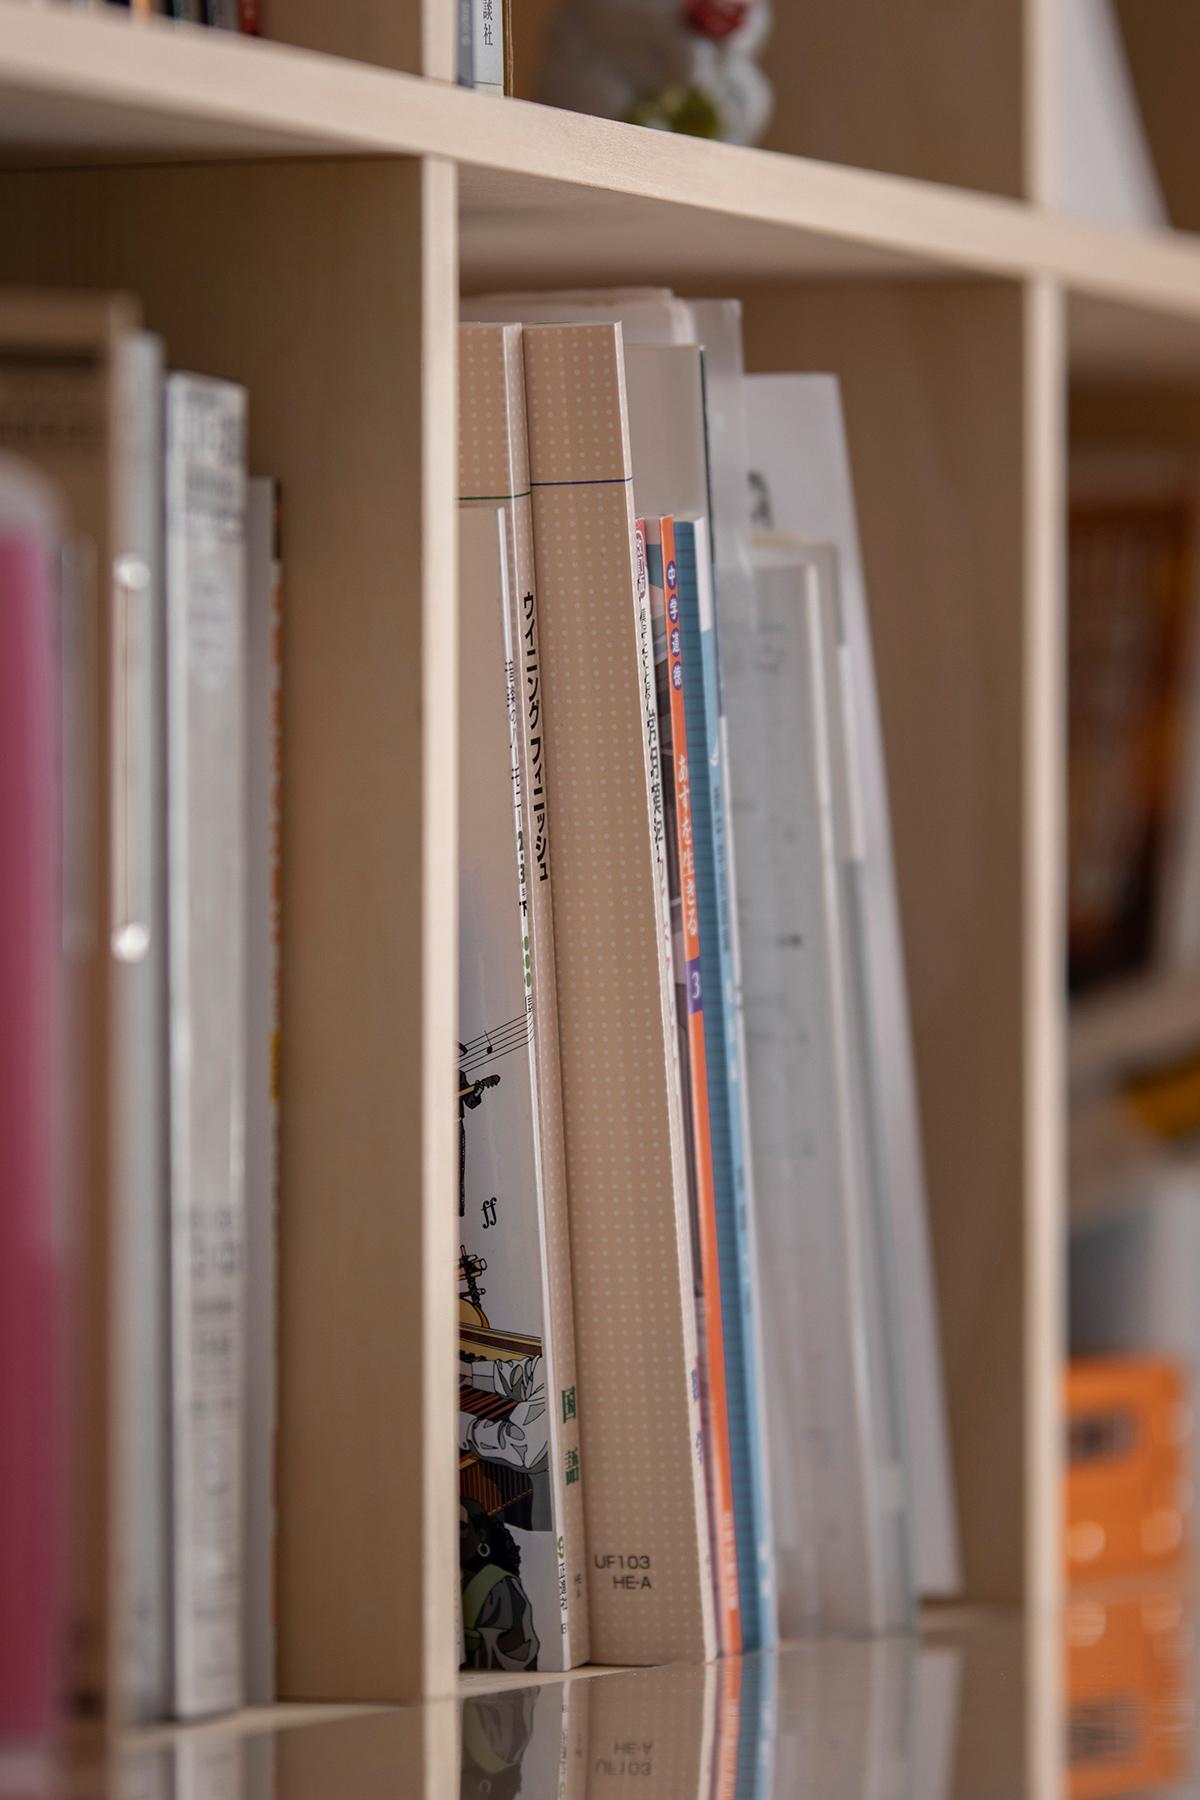 L字型にカウンターを連続させる | カウンター付き本棚 / Shelf (No.37) | マルゲリータ使用例